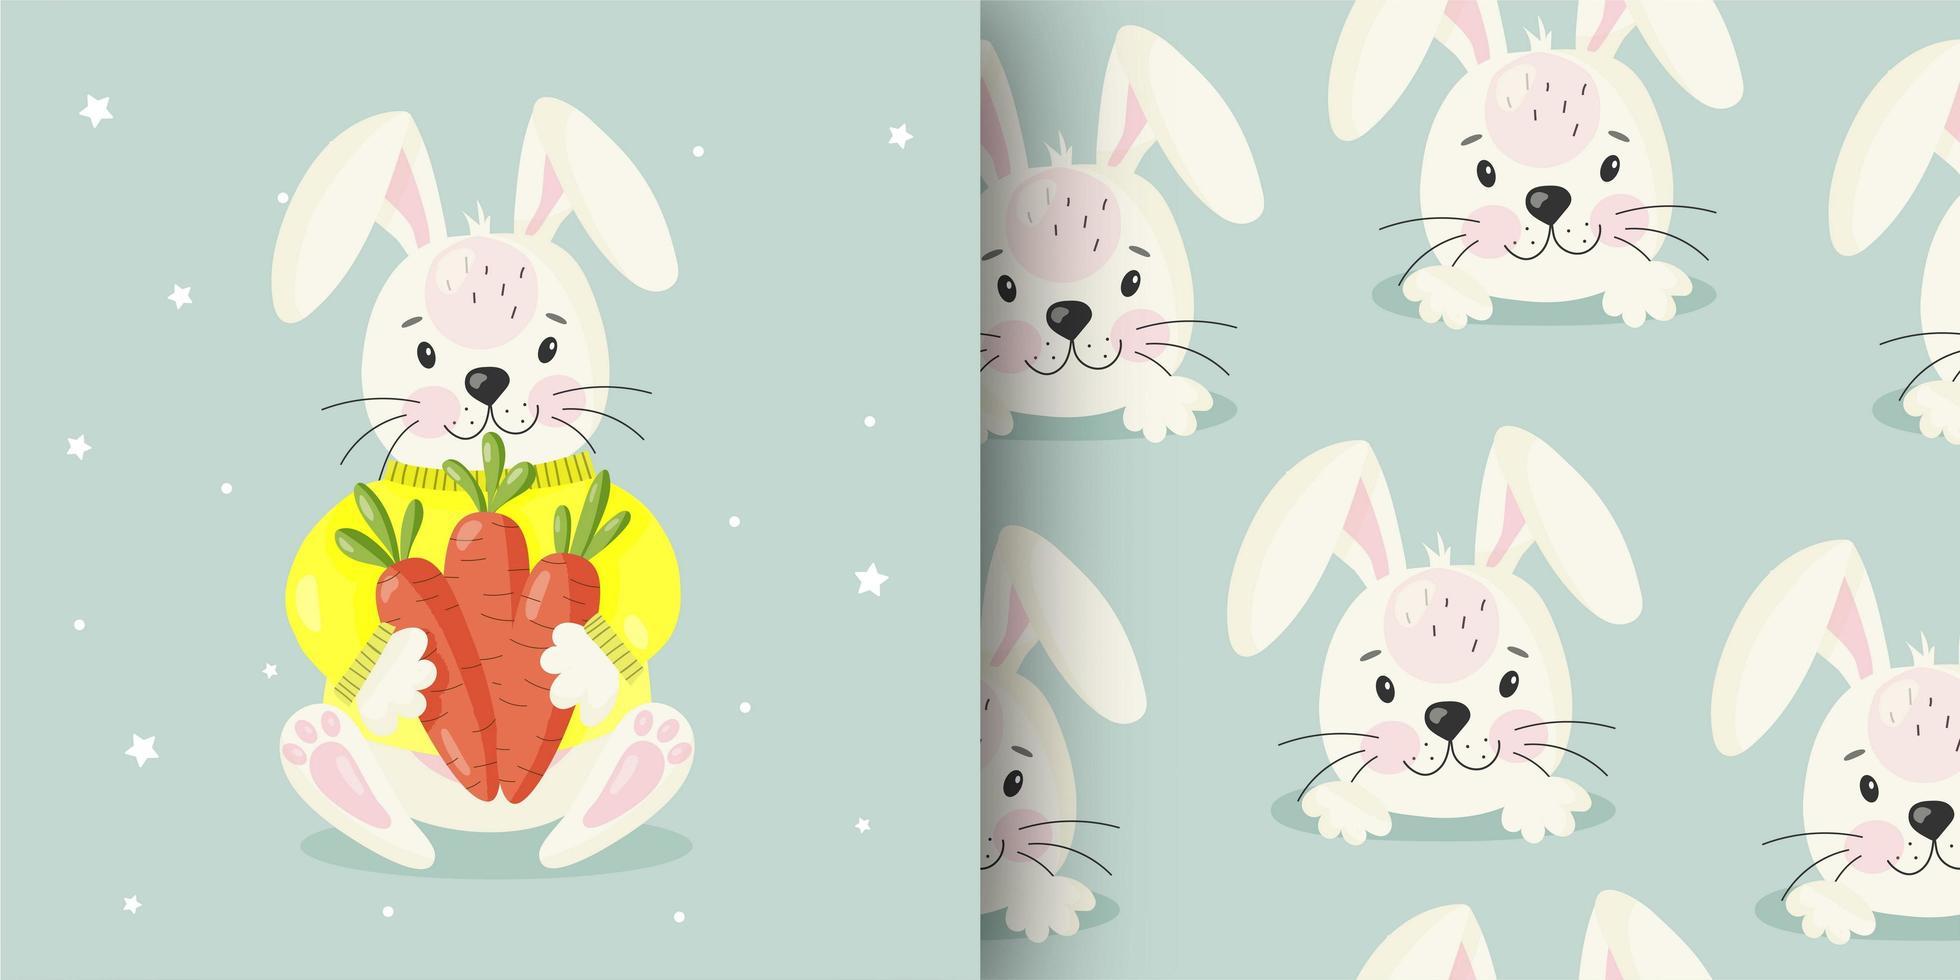 coelho com cenoura e padrão sem emenda vetor